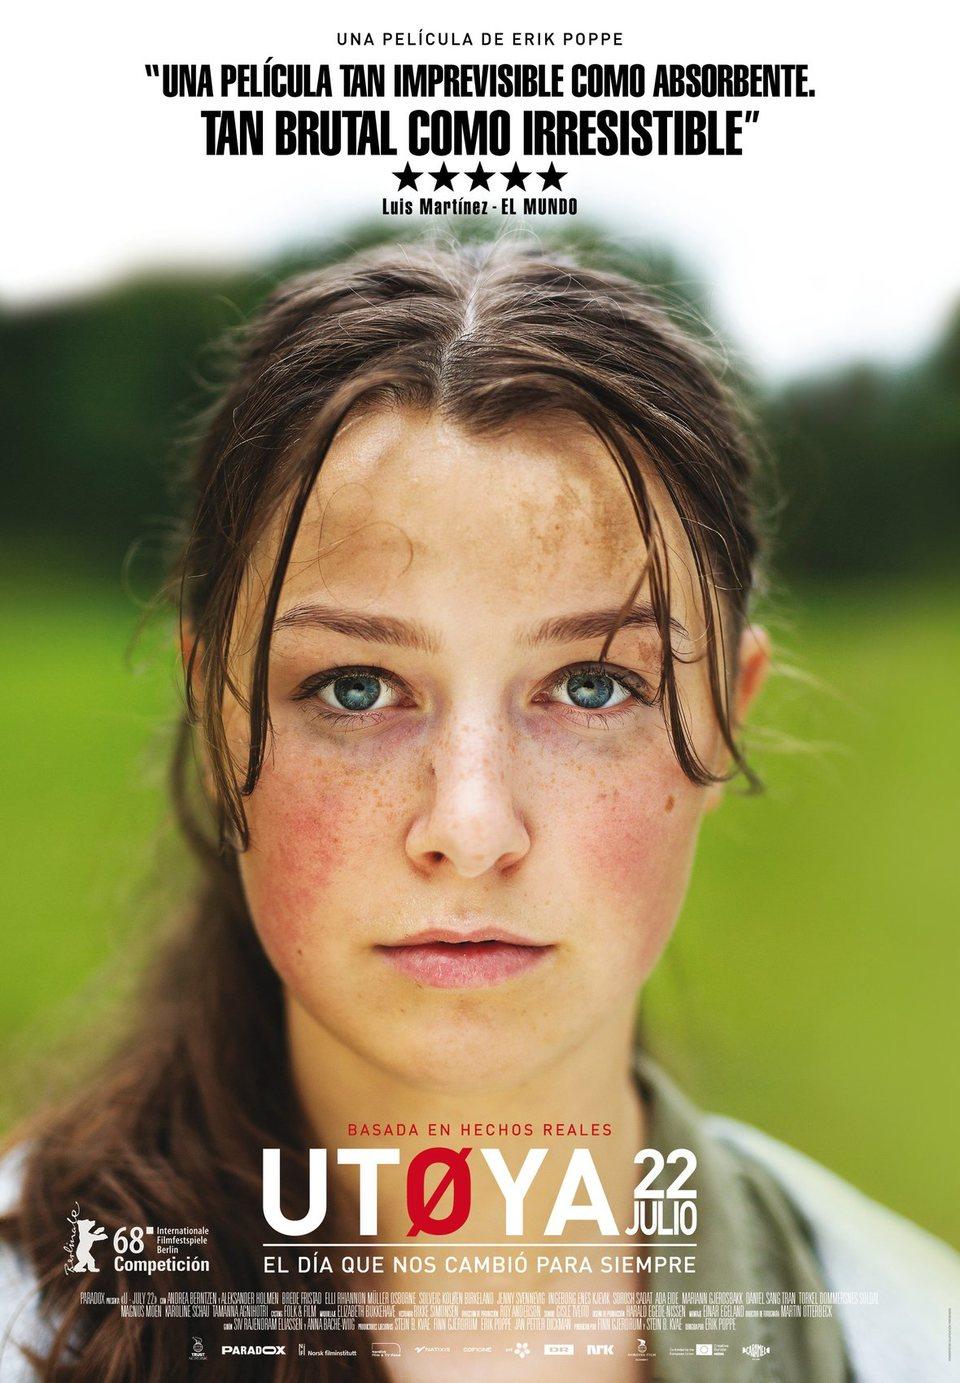 Utøya. 22 de julio